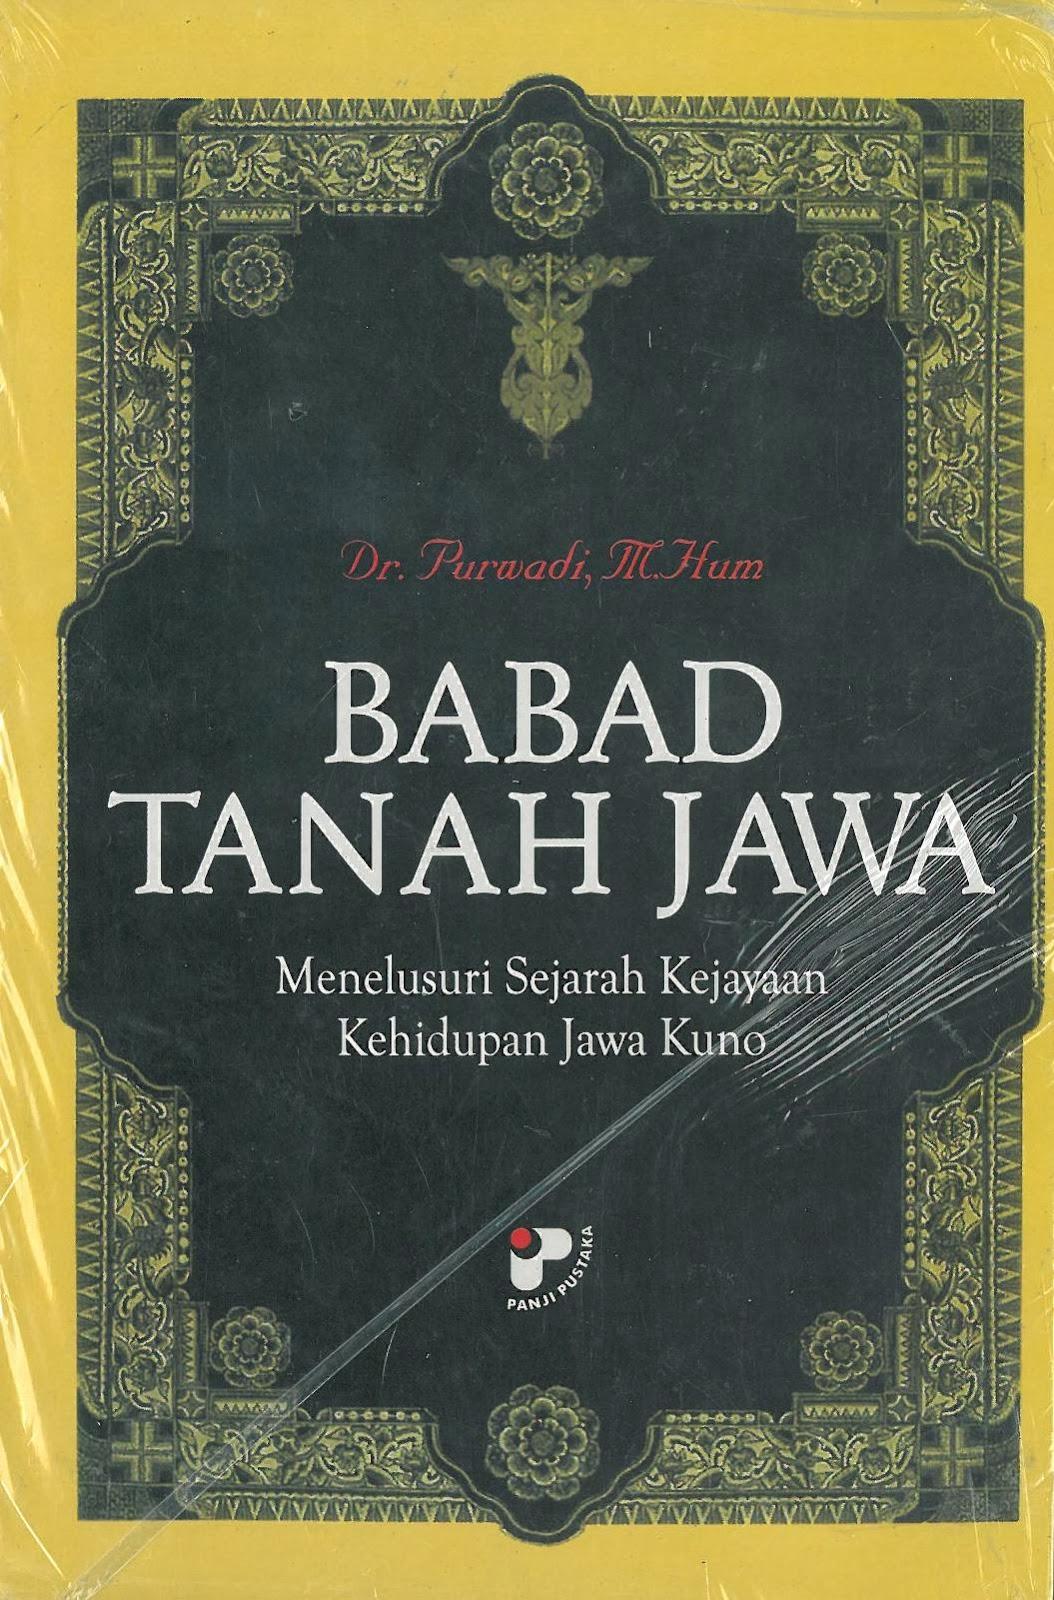 Ebook Babad Tanah Jawa Bahasa Indonesia